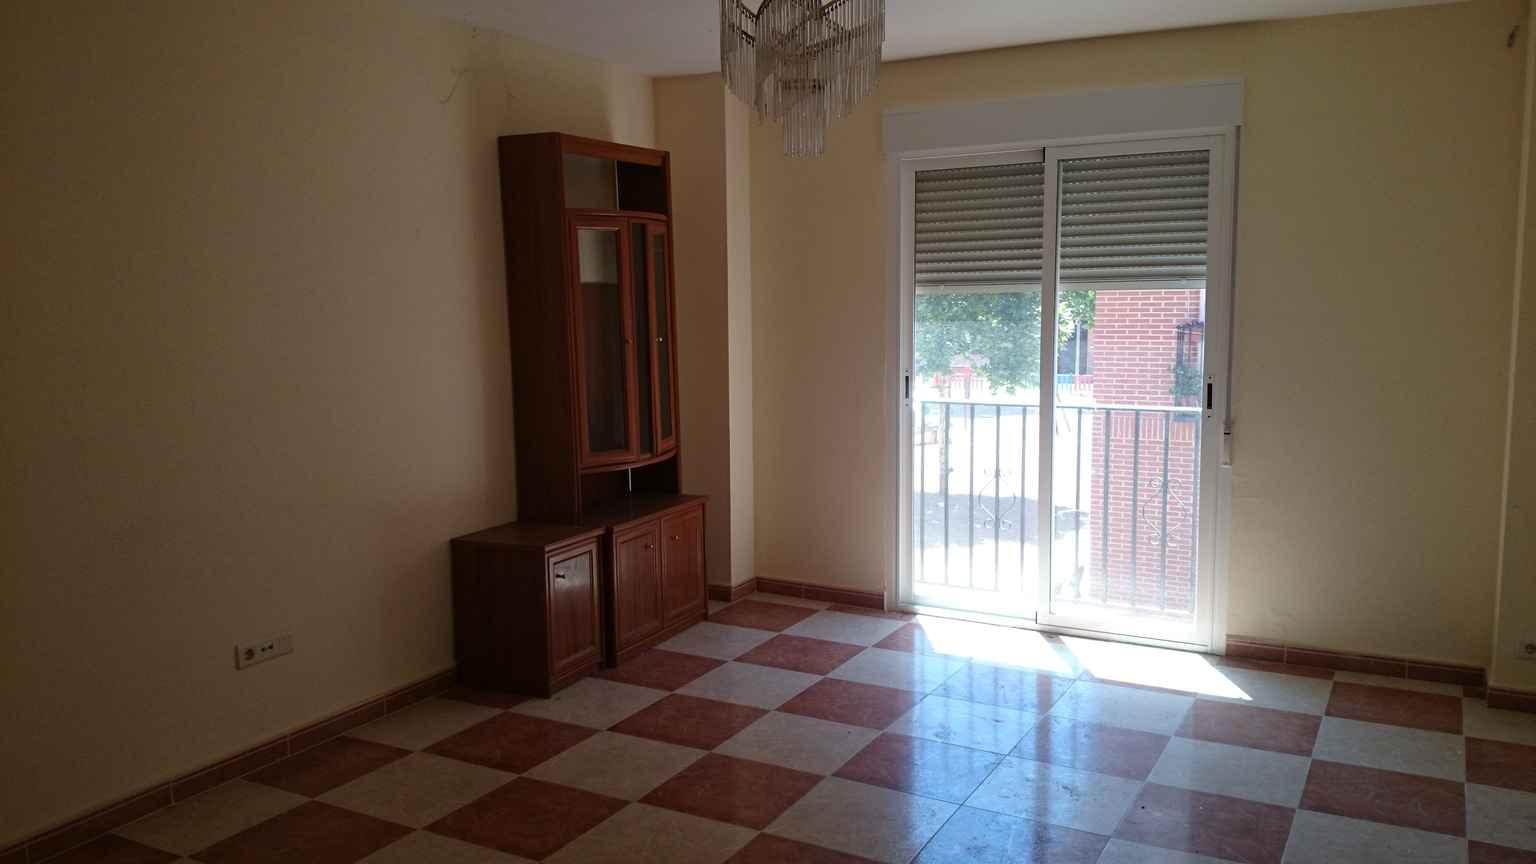 Apartamento en Fuensalida (20410-0001) - foto3